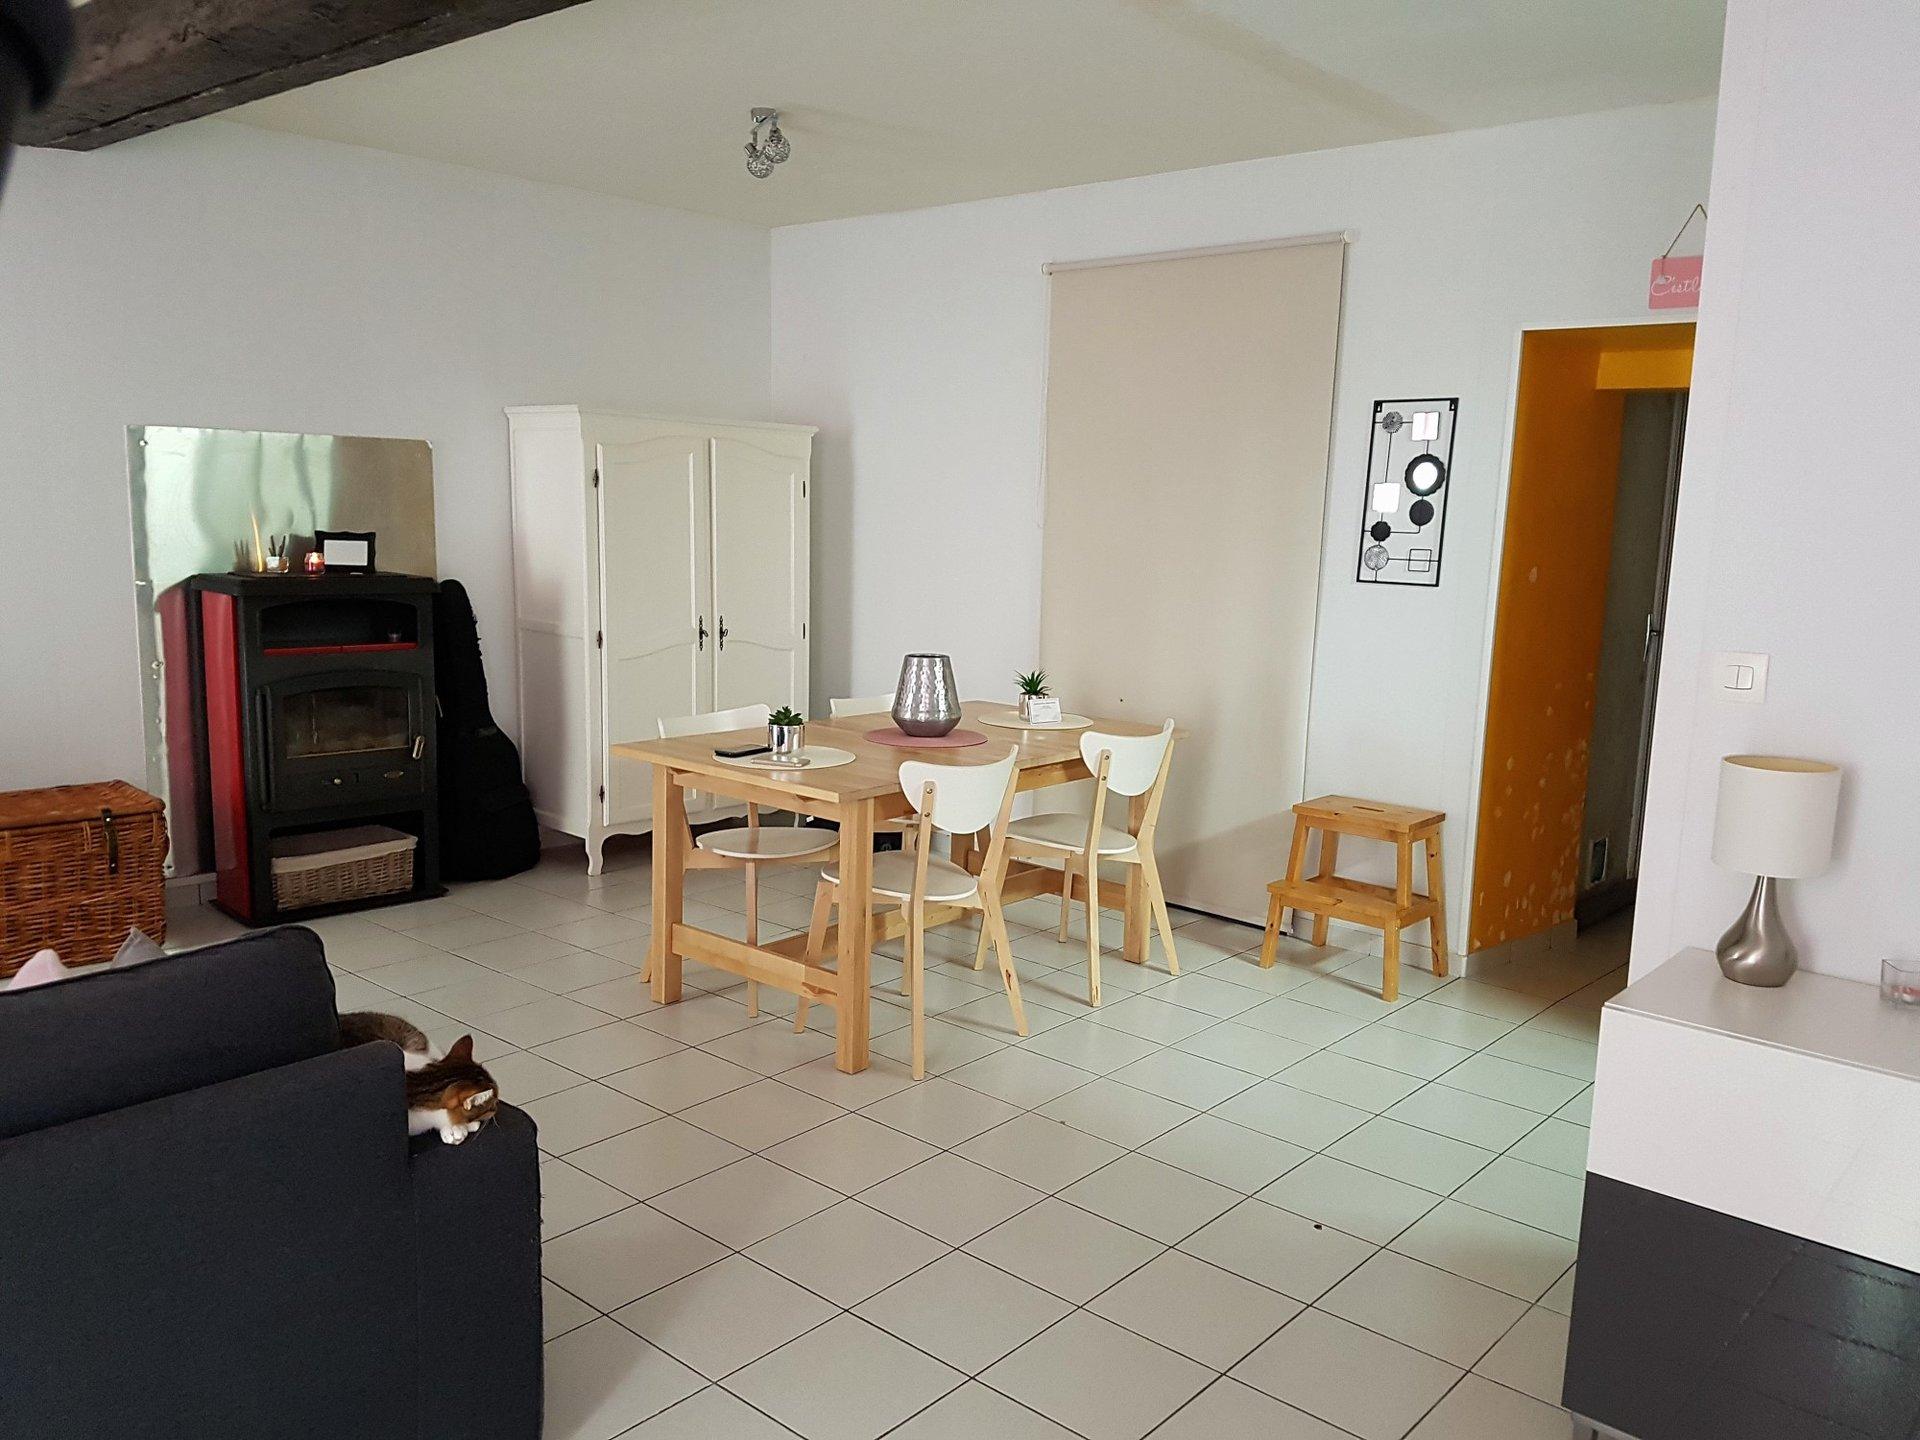 La Trimouille, Vienne 86: charmante maison de village